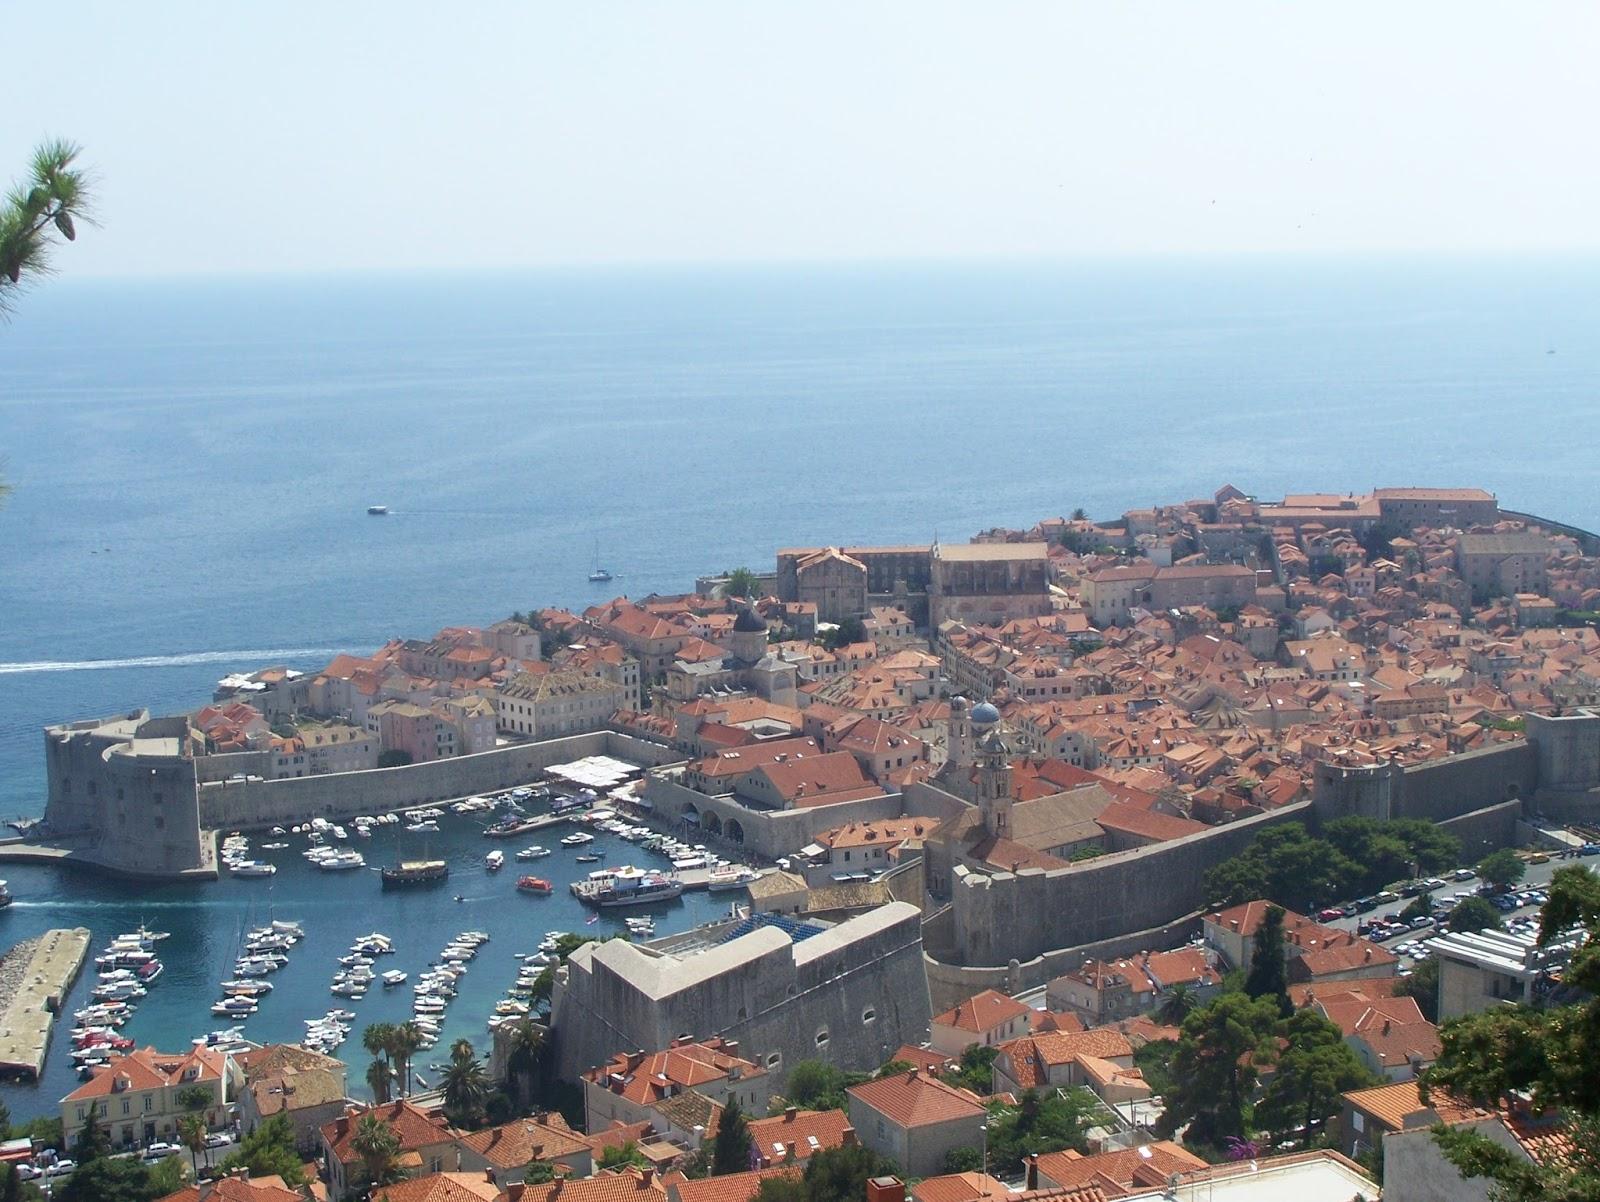 RAPOCARAVANING: CROACIA, El Mediterráneo tal como era